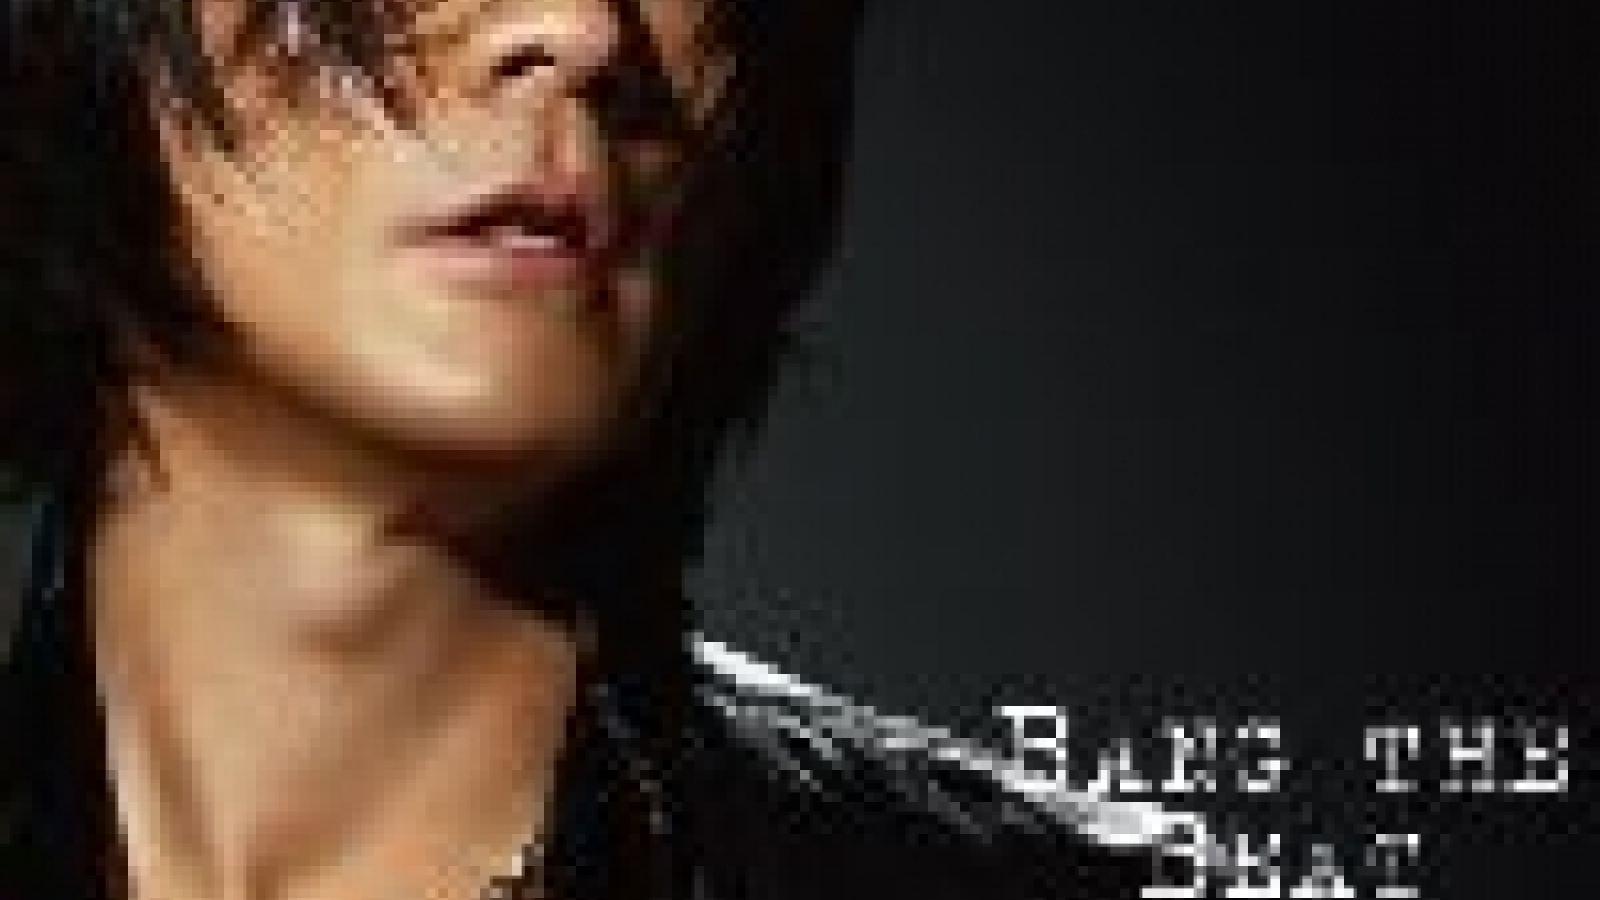 Novo lançamento de Kyosuke Himuro © 2008 Sony Music Entertainment (Japan) Inc.